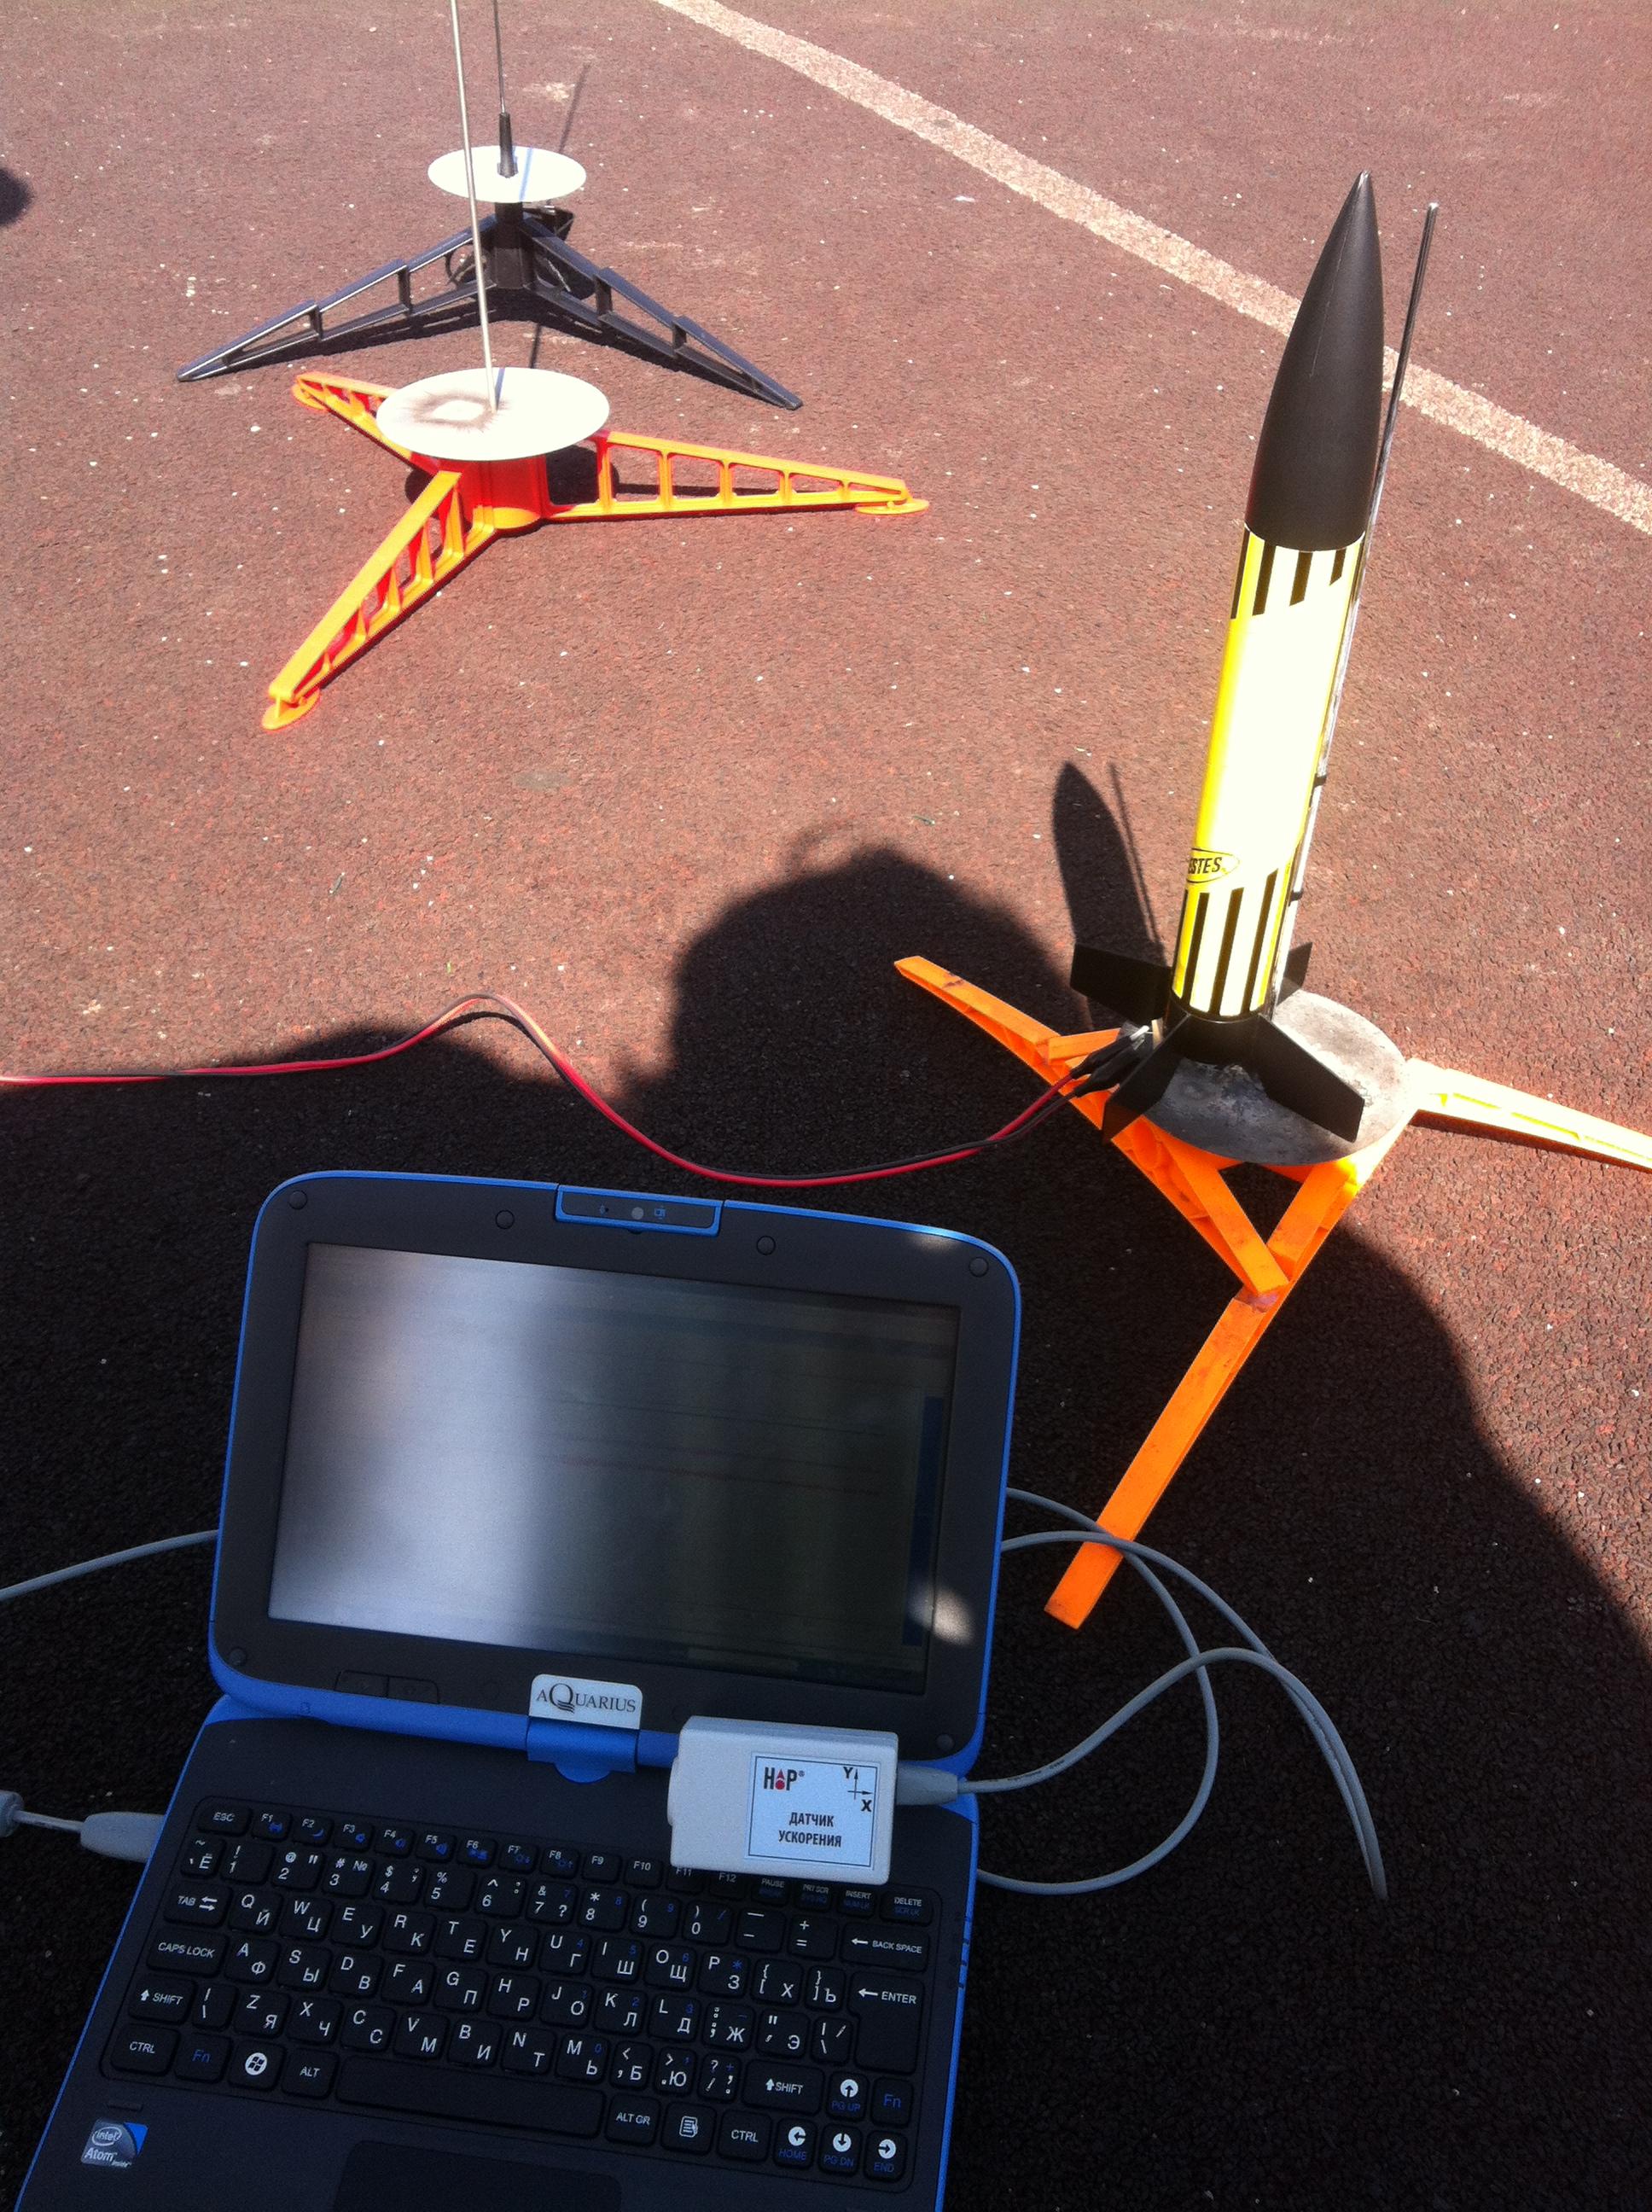 Беспроводные измерения с помощью датчика ускорения